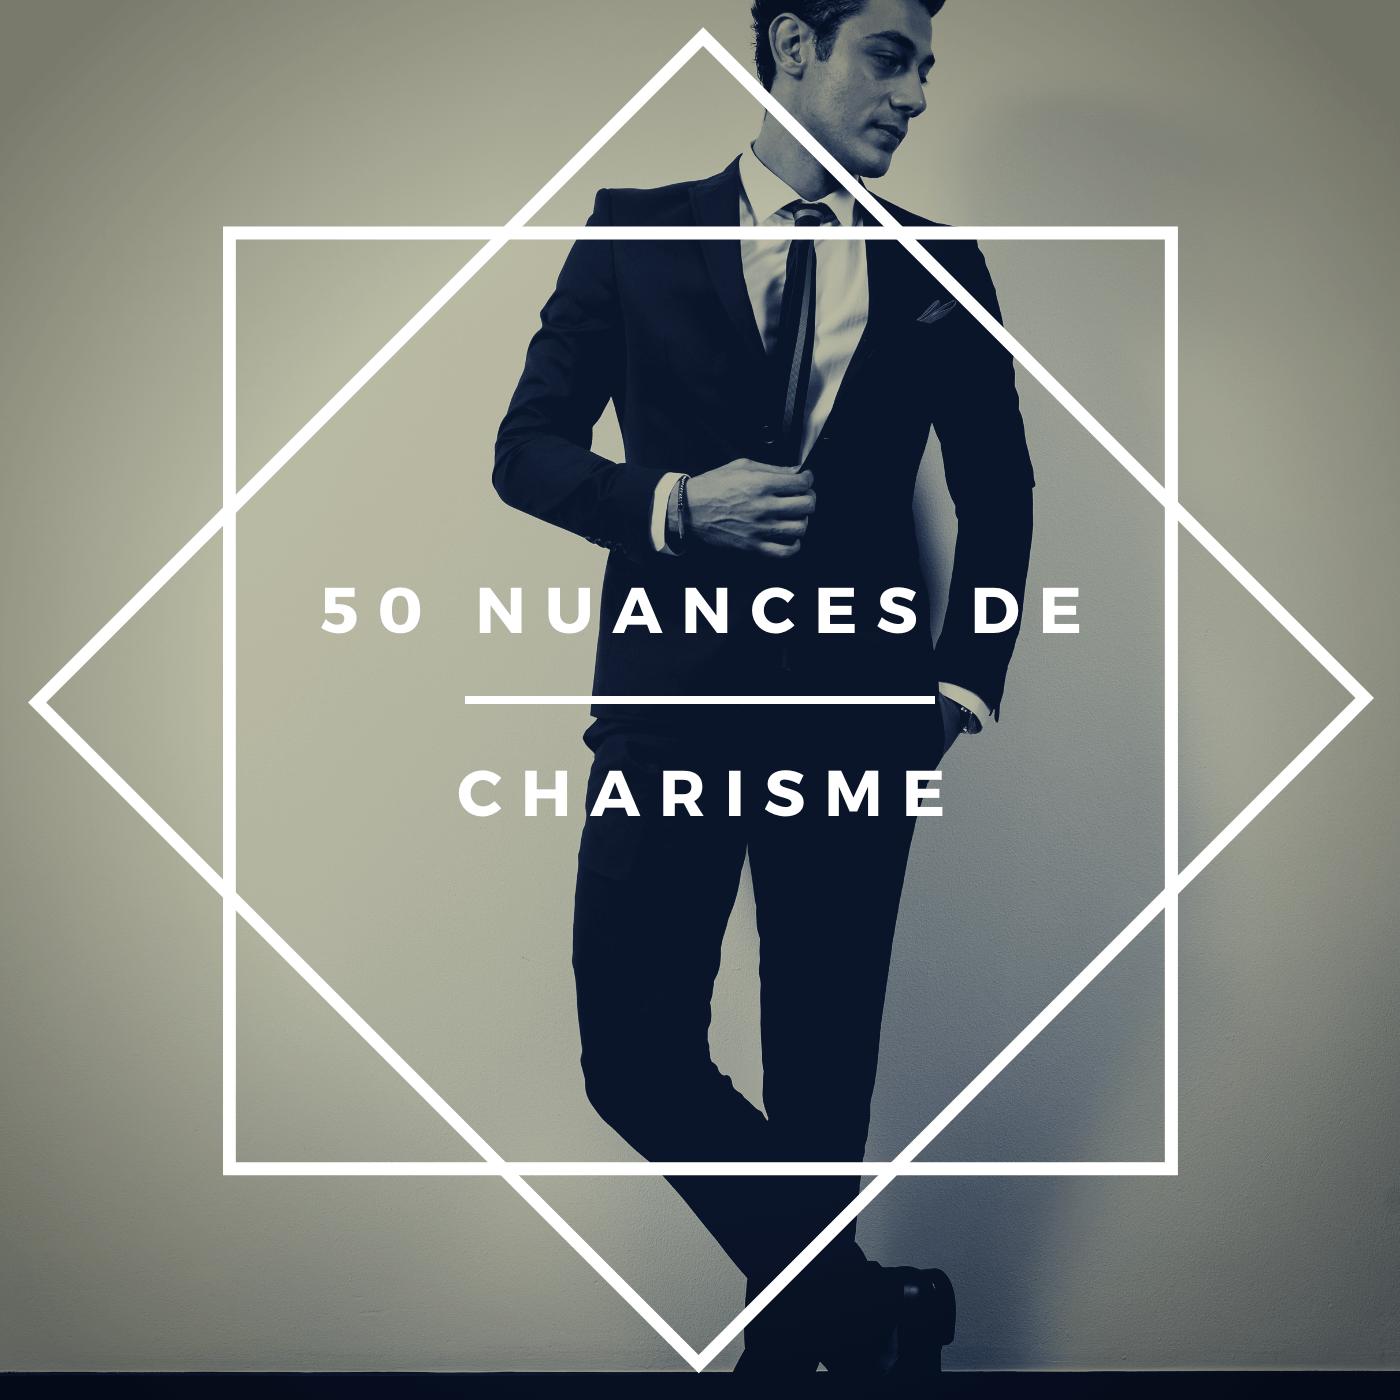 50 nuances de charisme - changeons